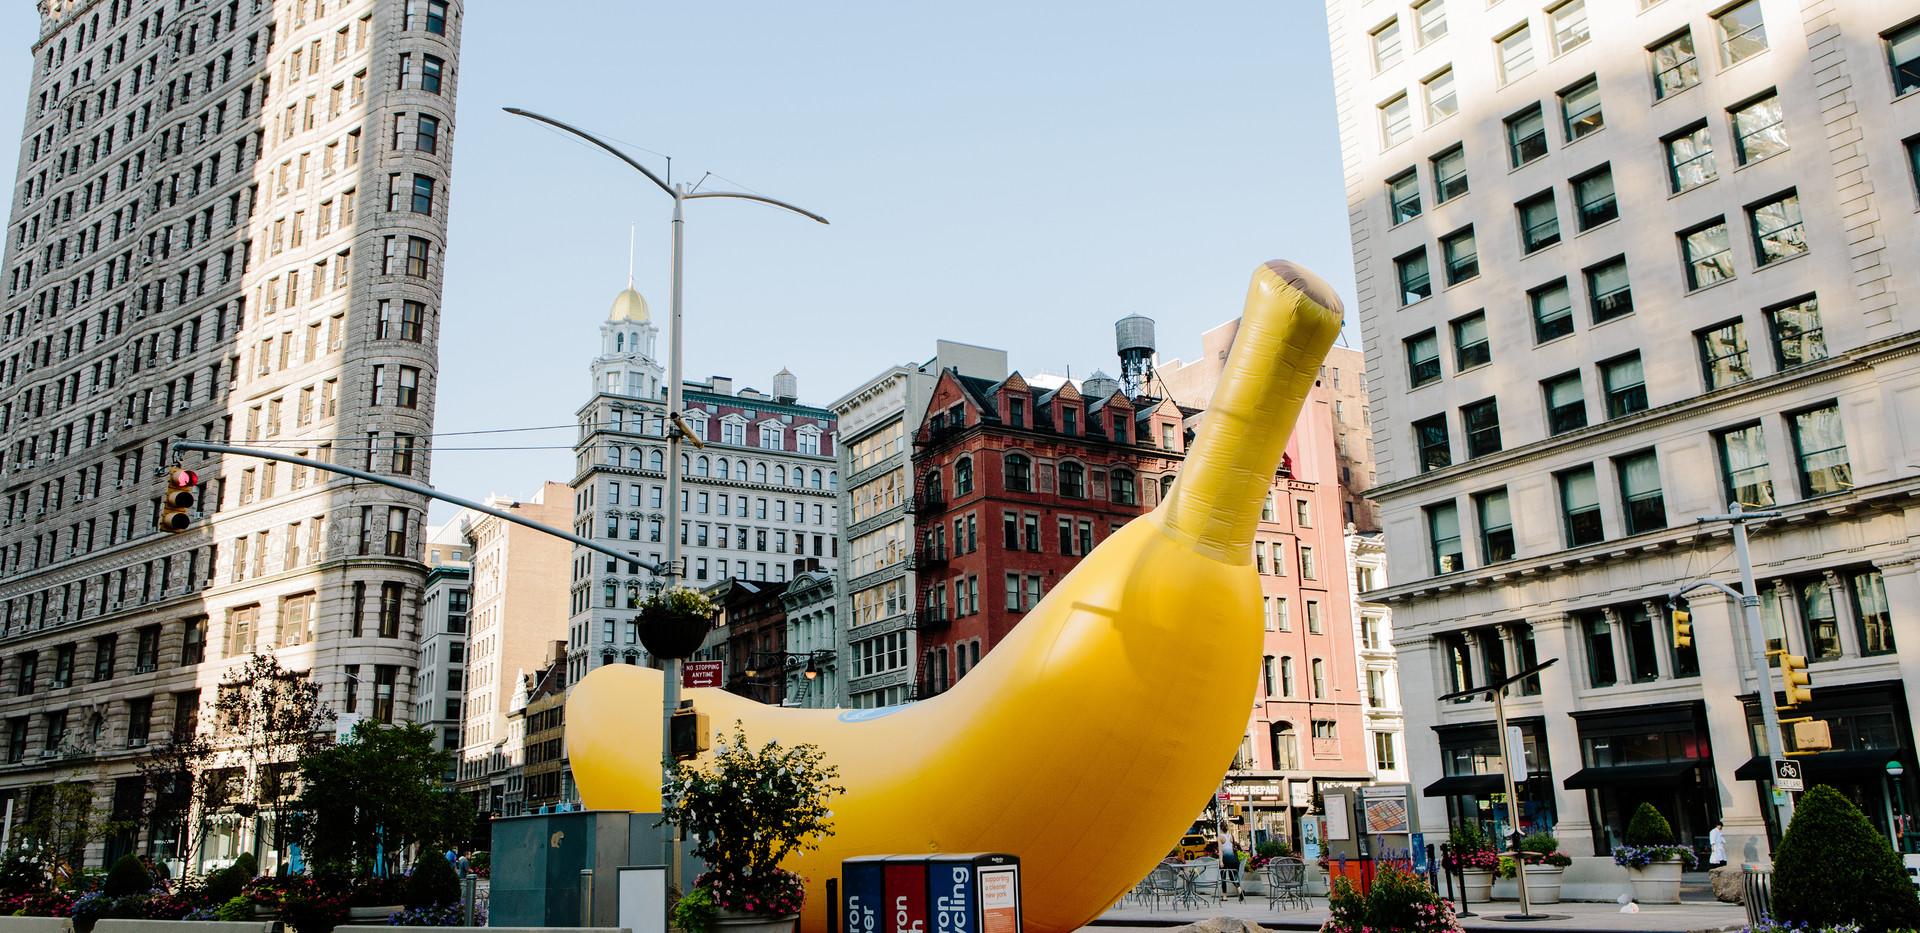 08.20.17_WK__Chiquita_2080.jpg